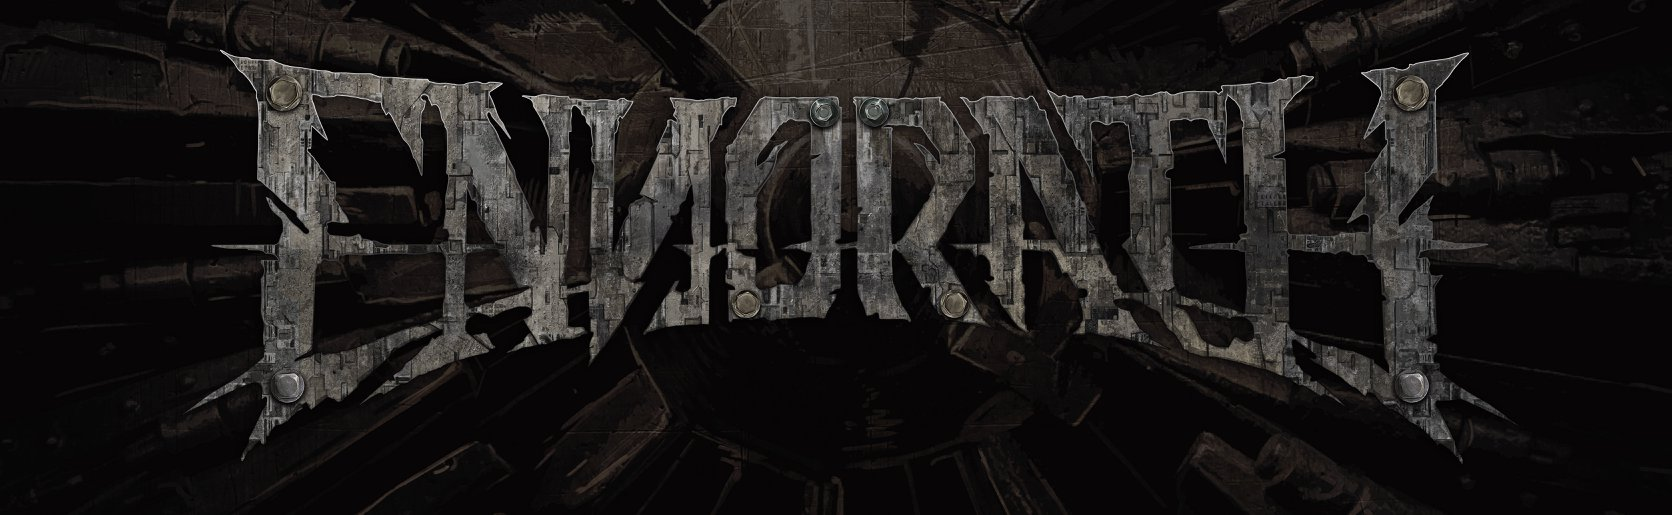 """Ennorath """"Fratricidal"""" recenzje płyt metalowych, blog metala"""